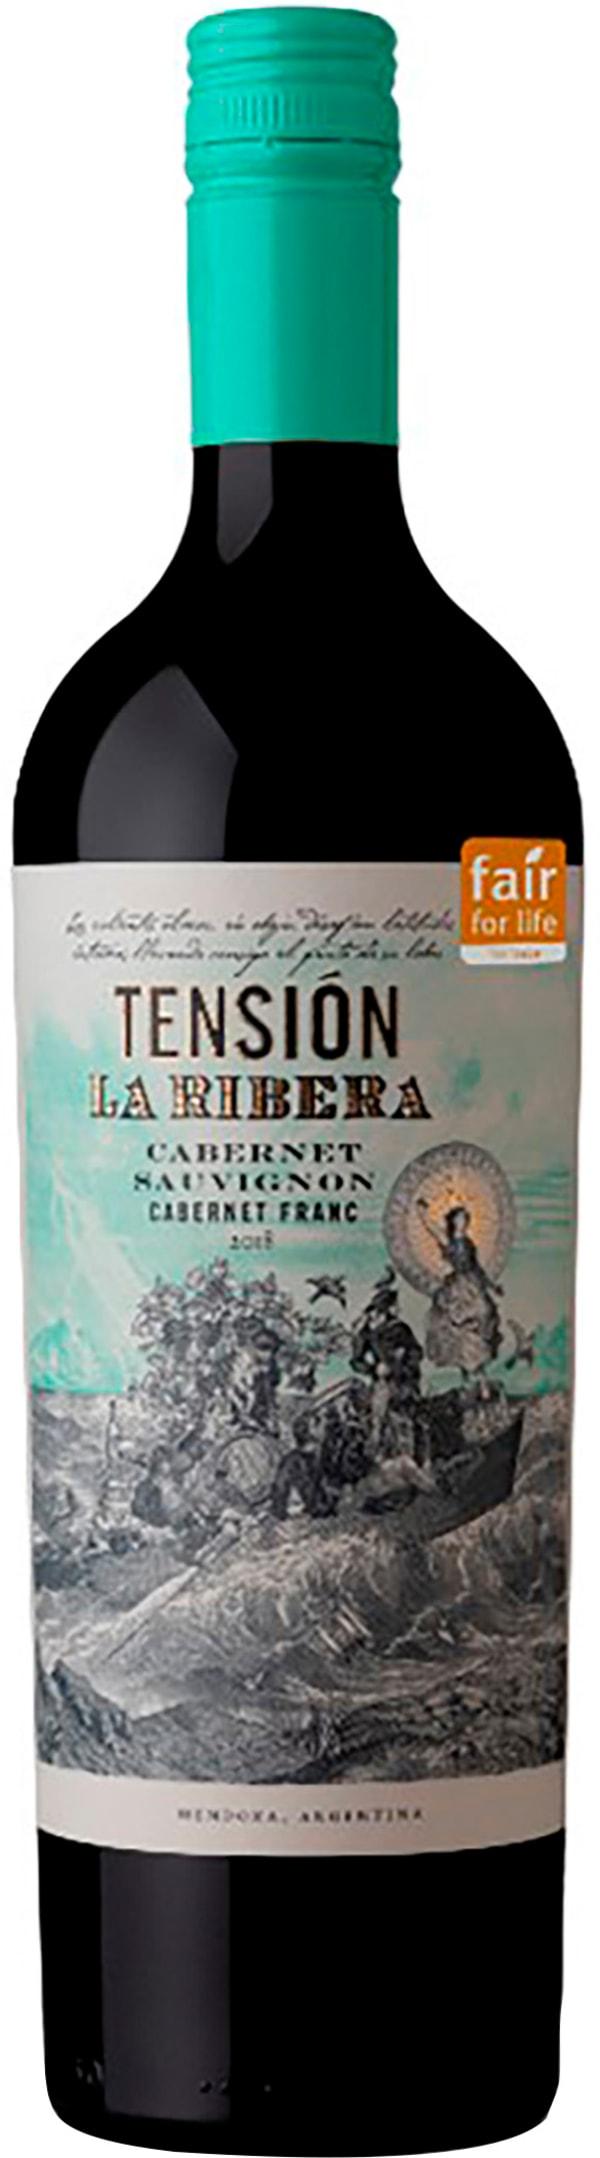 Tension La Ribera Cabernet Sauvignon Cabernet Franc 2019